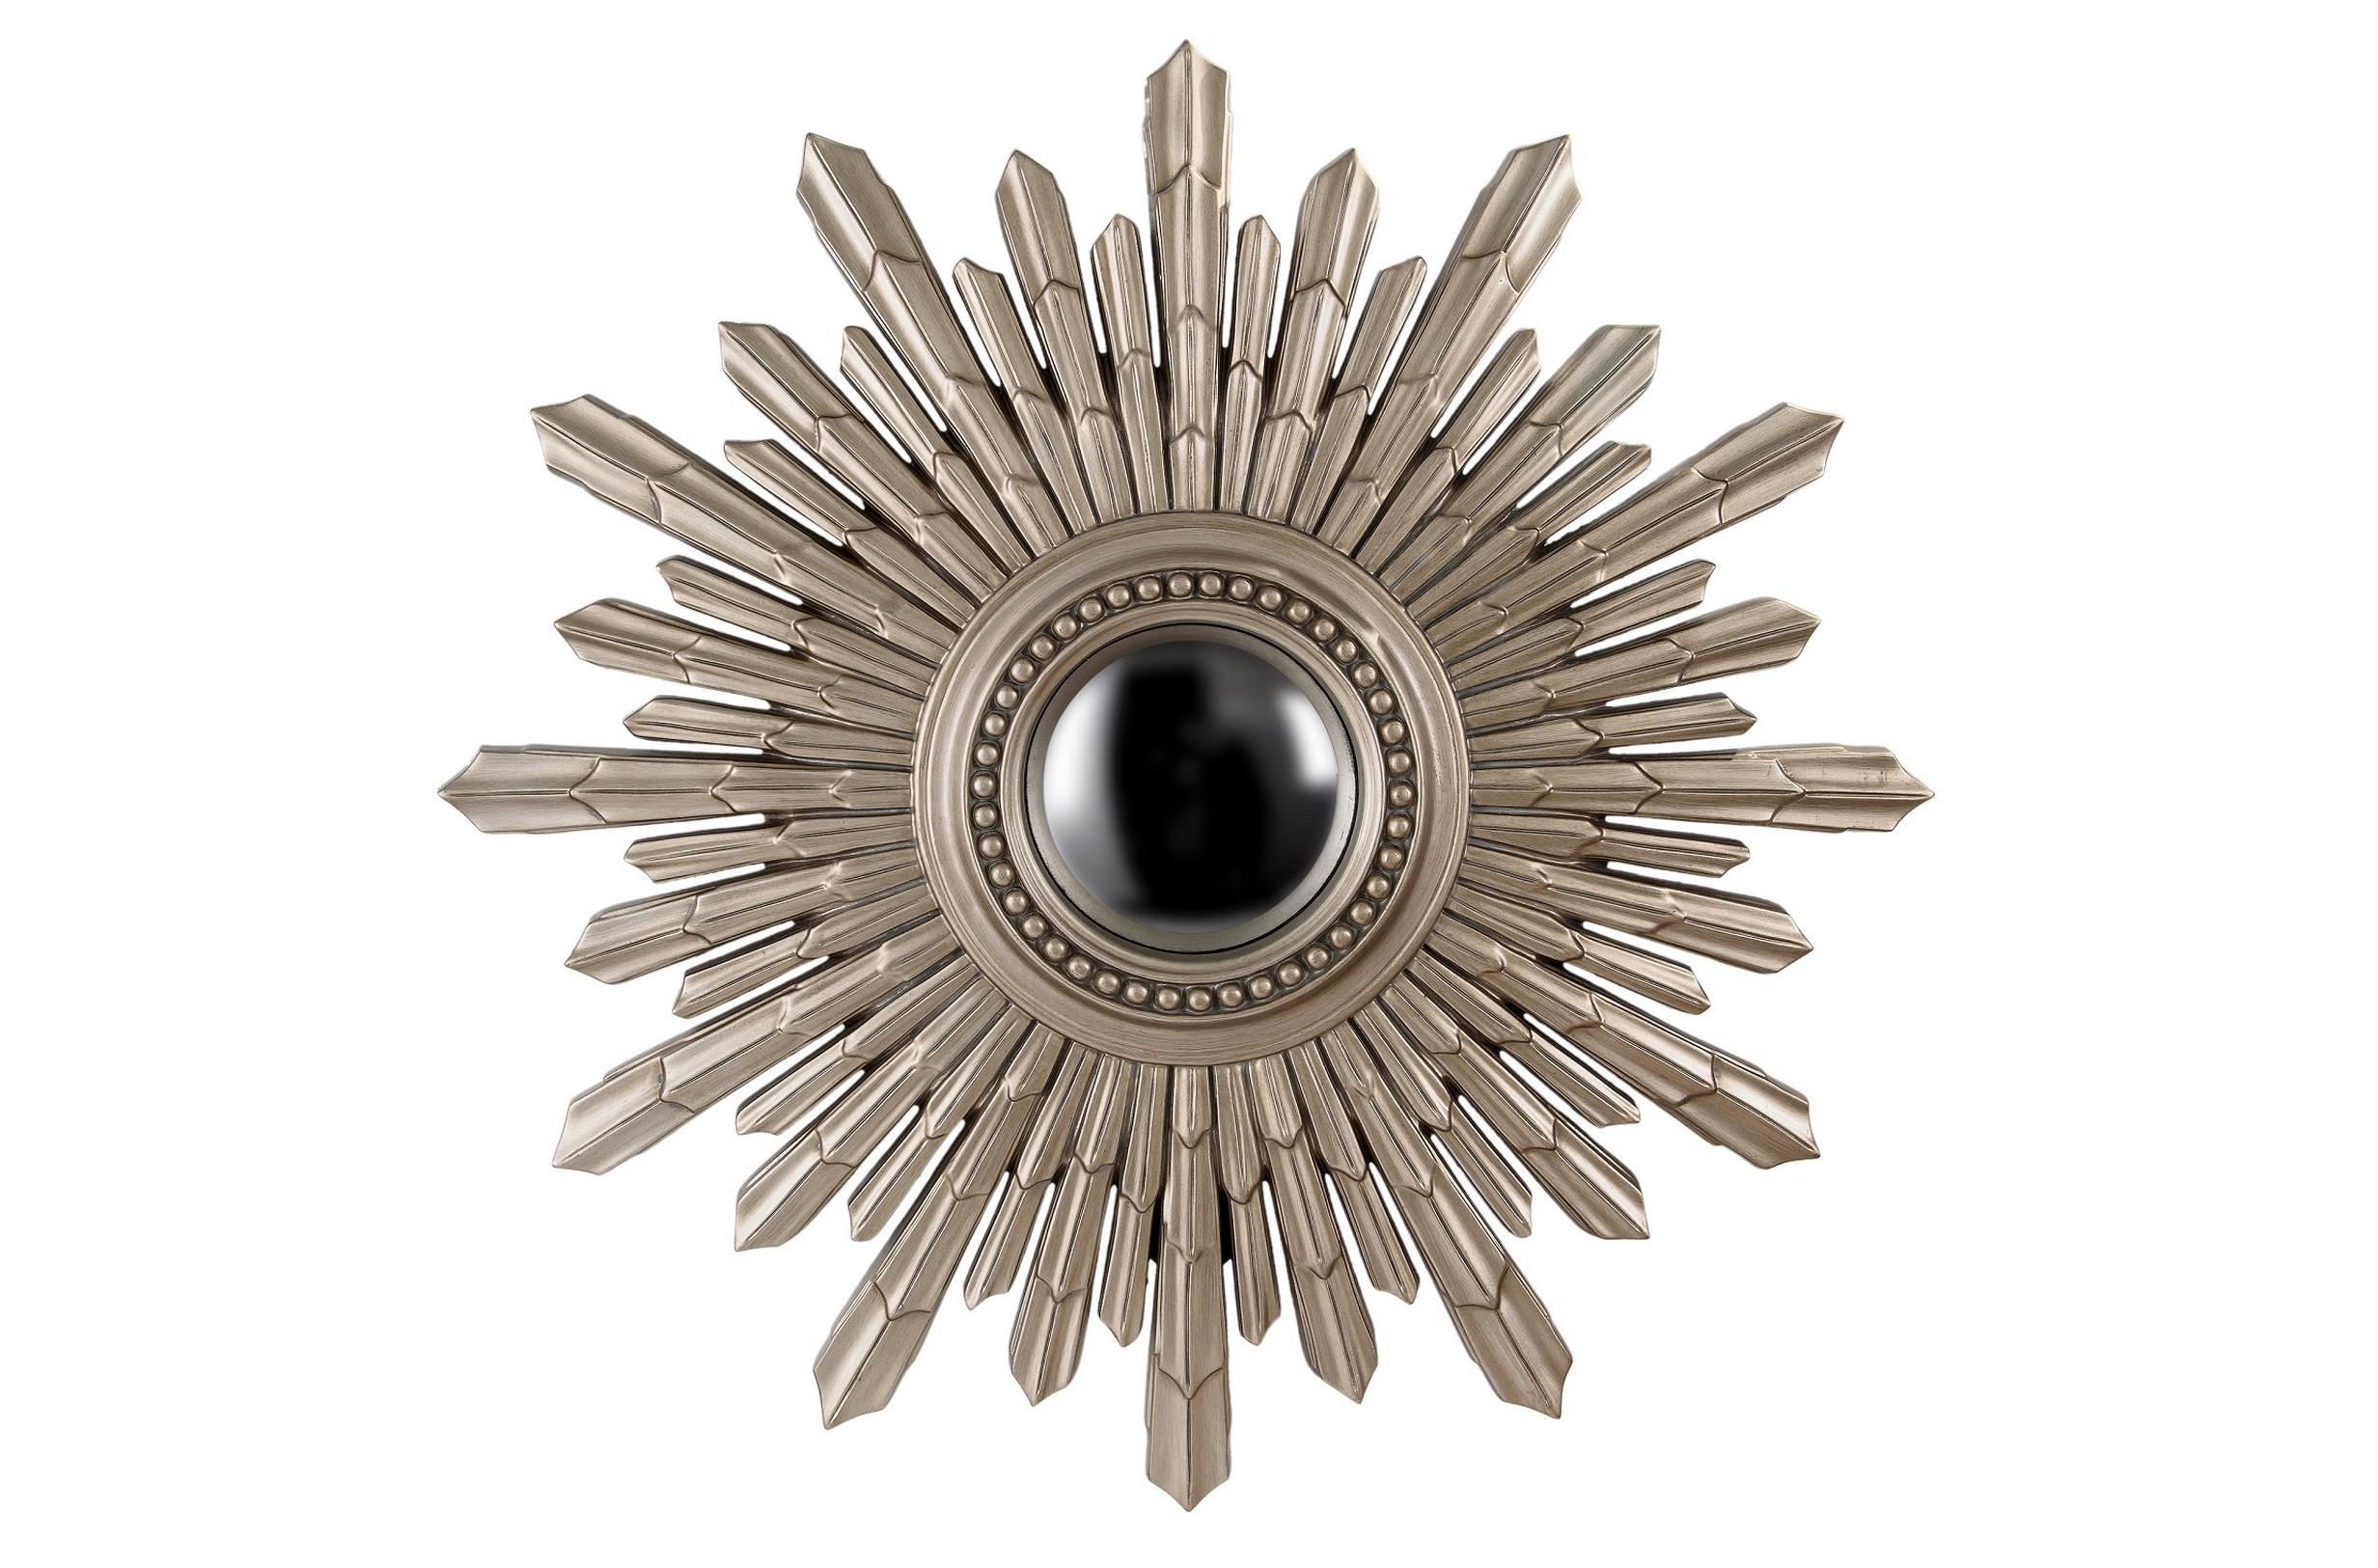 Зеркало New Solar SilverНастенные зеркала<br>Это сферическое&amp;amp;nbsp;зеркало в необычный раме в виде солнца несет не только практичную, но, прежде всего, декоративную функцию, ведь такое зеркало станет настоящим украшением интерьера! Зеркало подойдет для интерьера гостиной, прихожей или спальни, оформленной в стиле ар-деко или эклектика.&amp;amp;nbsp;&amp;lt;div&amp;gt;&amp;lt;br&amp;gt;&amp;lt;/div&amp;gt;&amp;lt;div&amp;gt;&amp;lt;div&amp;gt;&amp;lt;span style=&amp;quot;font-size: 14px;&amp;quot;&amp;gt;Материал: полиуретан.&amp;lt;/span&amp;gt;&amp;lt;br&amp;gt;&amp;lt;/div&amp;gt;&amp;lt;/div&amp;gt;&amp;lt;div&amp;gt;&amp;lt;span style=&amp;quot;font-size: 14px;&amp;quot;&amp;gt;Цвет: античное серебро&amp;amp;nbsp;&amp;lt;/span&amp;gt;&amp;lt;span style=&amp;quot;font-size: 14px;&amp;quot;&amp;gt;&amp;lt;br&amp;gt;&amp;lt;/span&amp;gt;&amp;lt;/div&amp;gt;<br><br>Material: Пластик<br>Length см: None<br>Width см: None<br>Depth см: None<br>Height см: None<br>Diameter см: 103.0